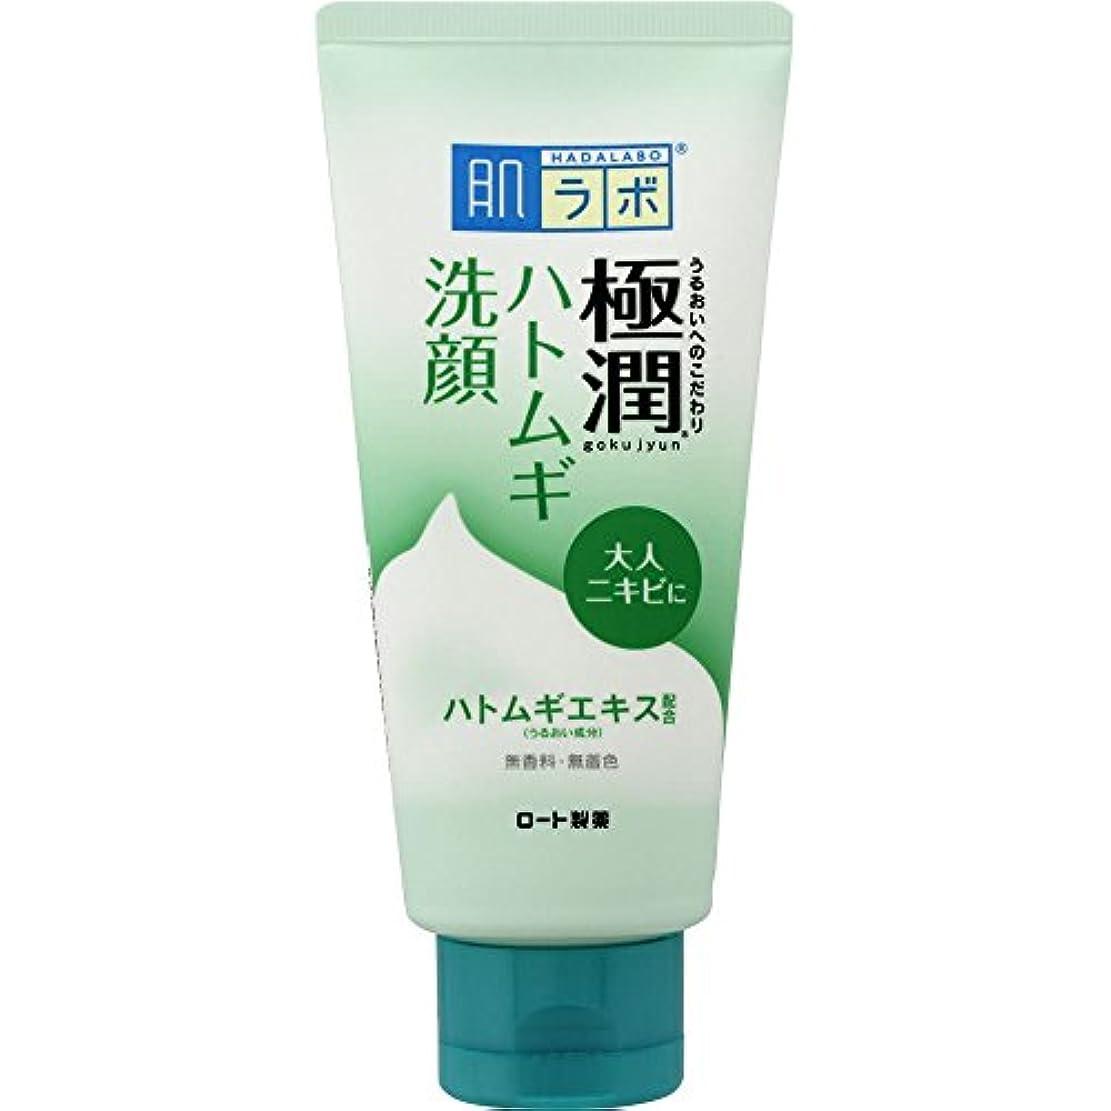 メキシコ解く報復肌ラボ 極潤 毛穴洗浄 大人ニキビ予防 ハトムギ洗顔フォーム 100g